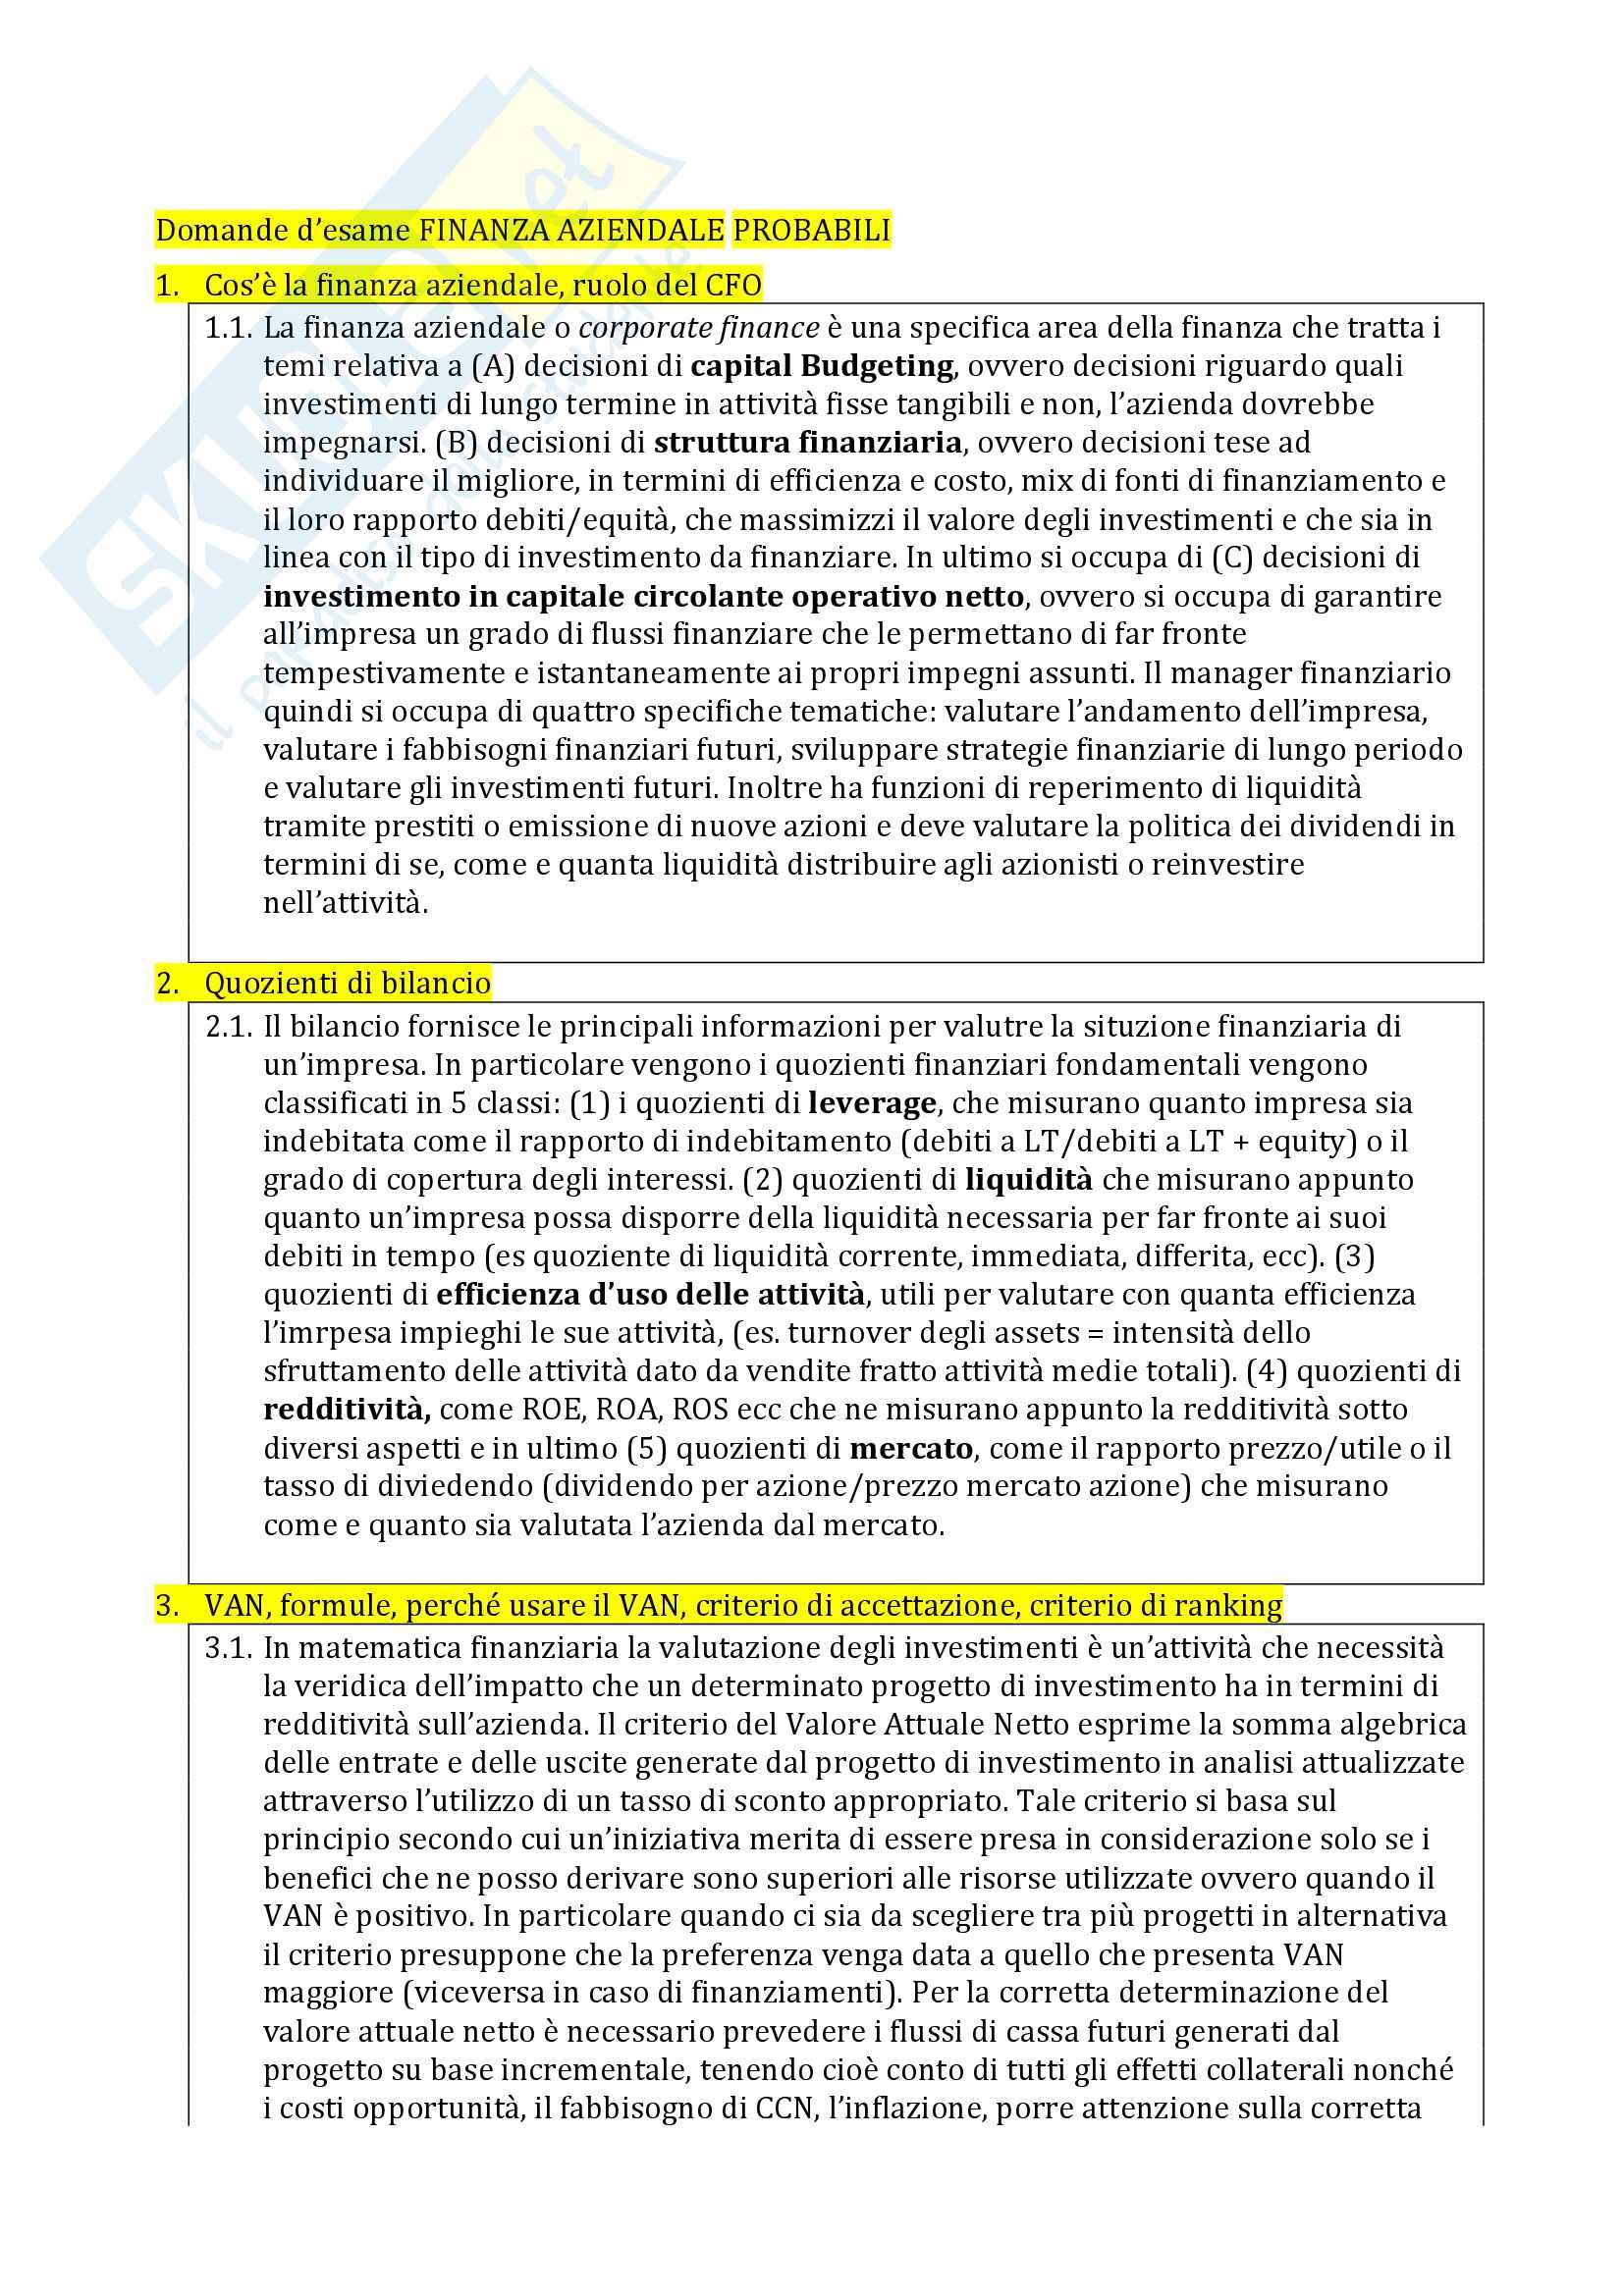 Domande d'esame Finanza aziendale e probabili